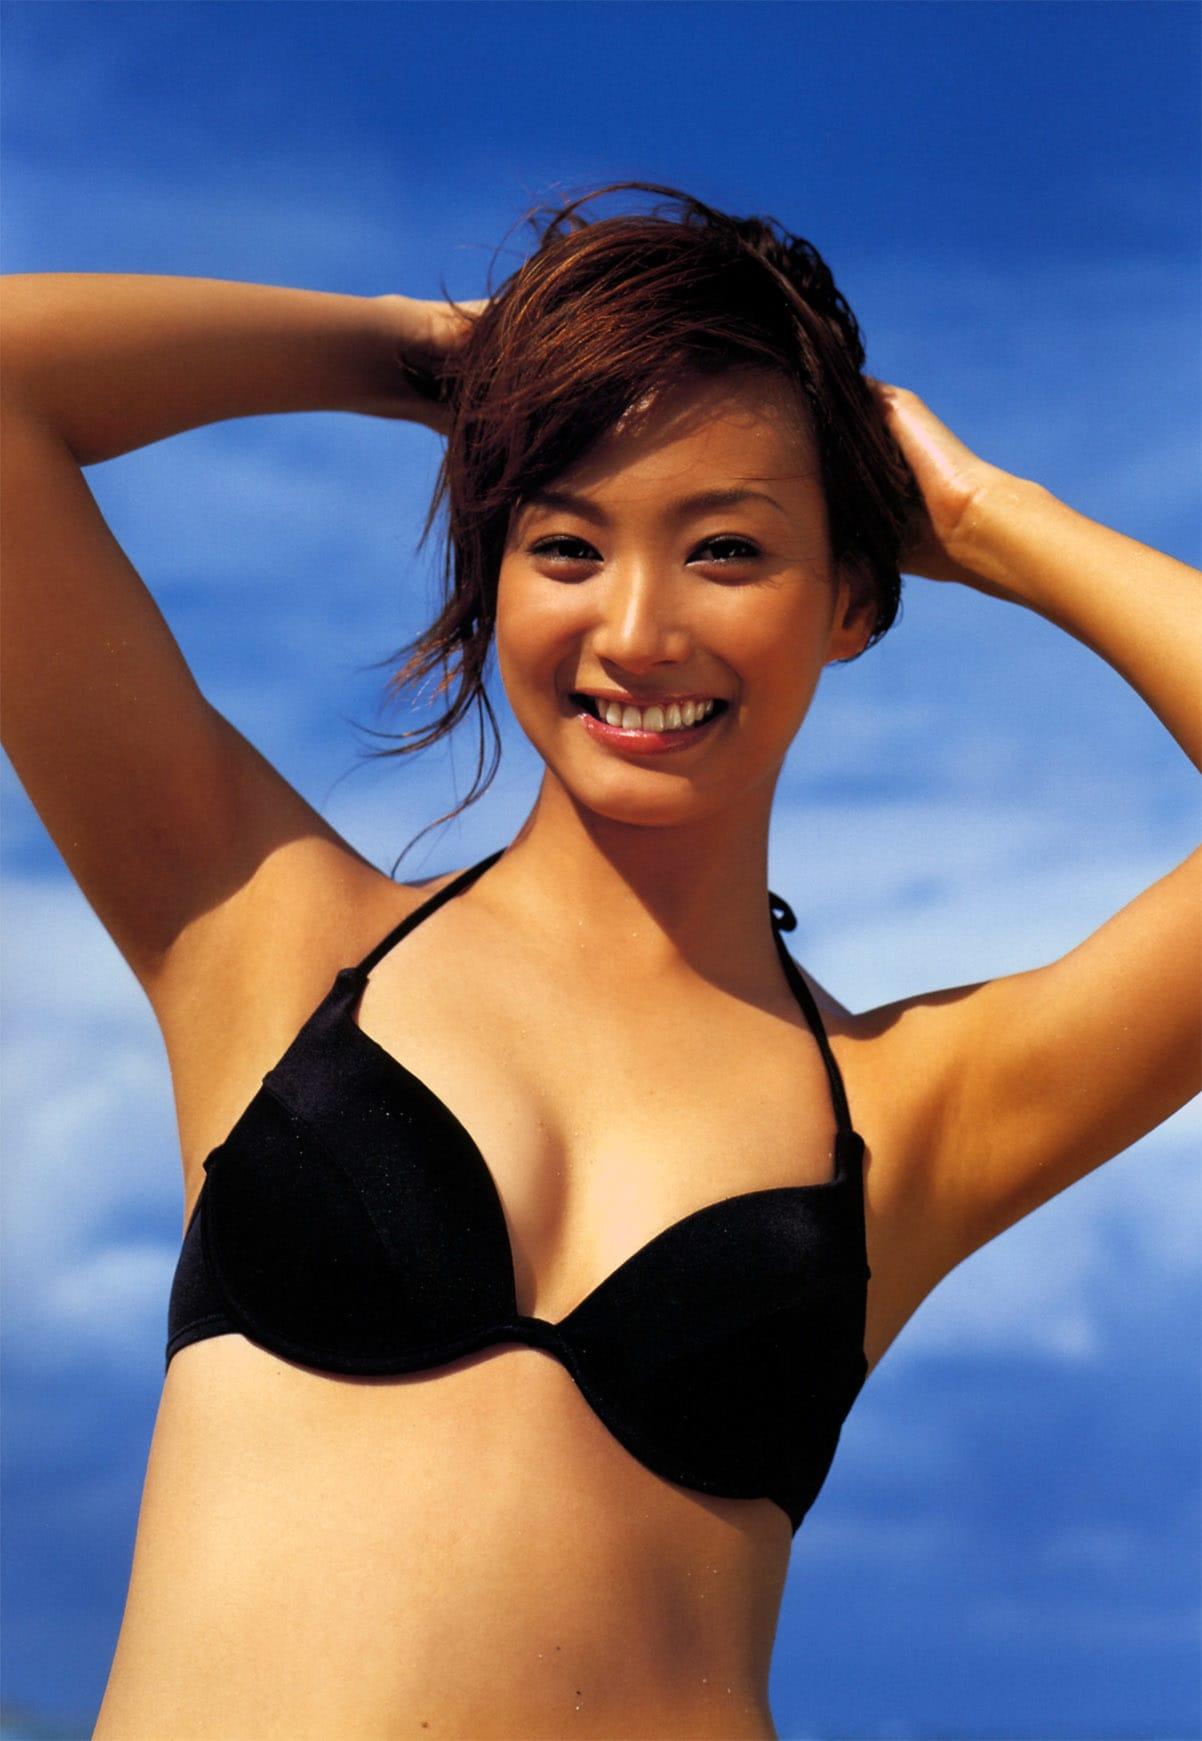 笑顔が眩しい藤本美貴の水着画像